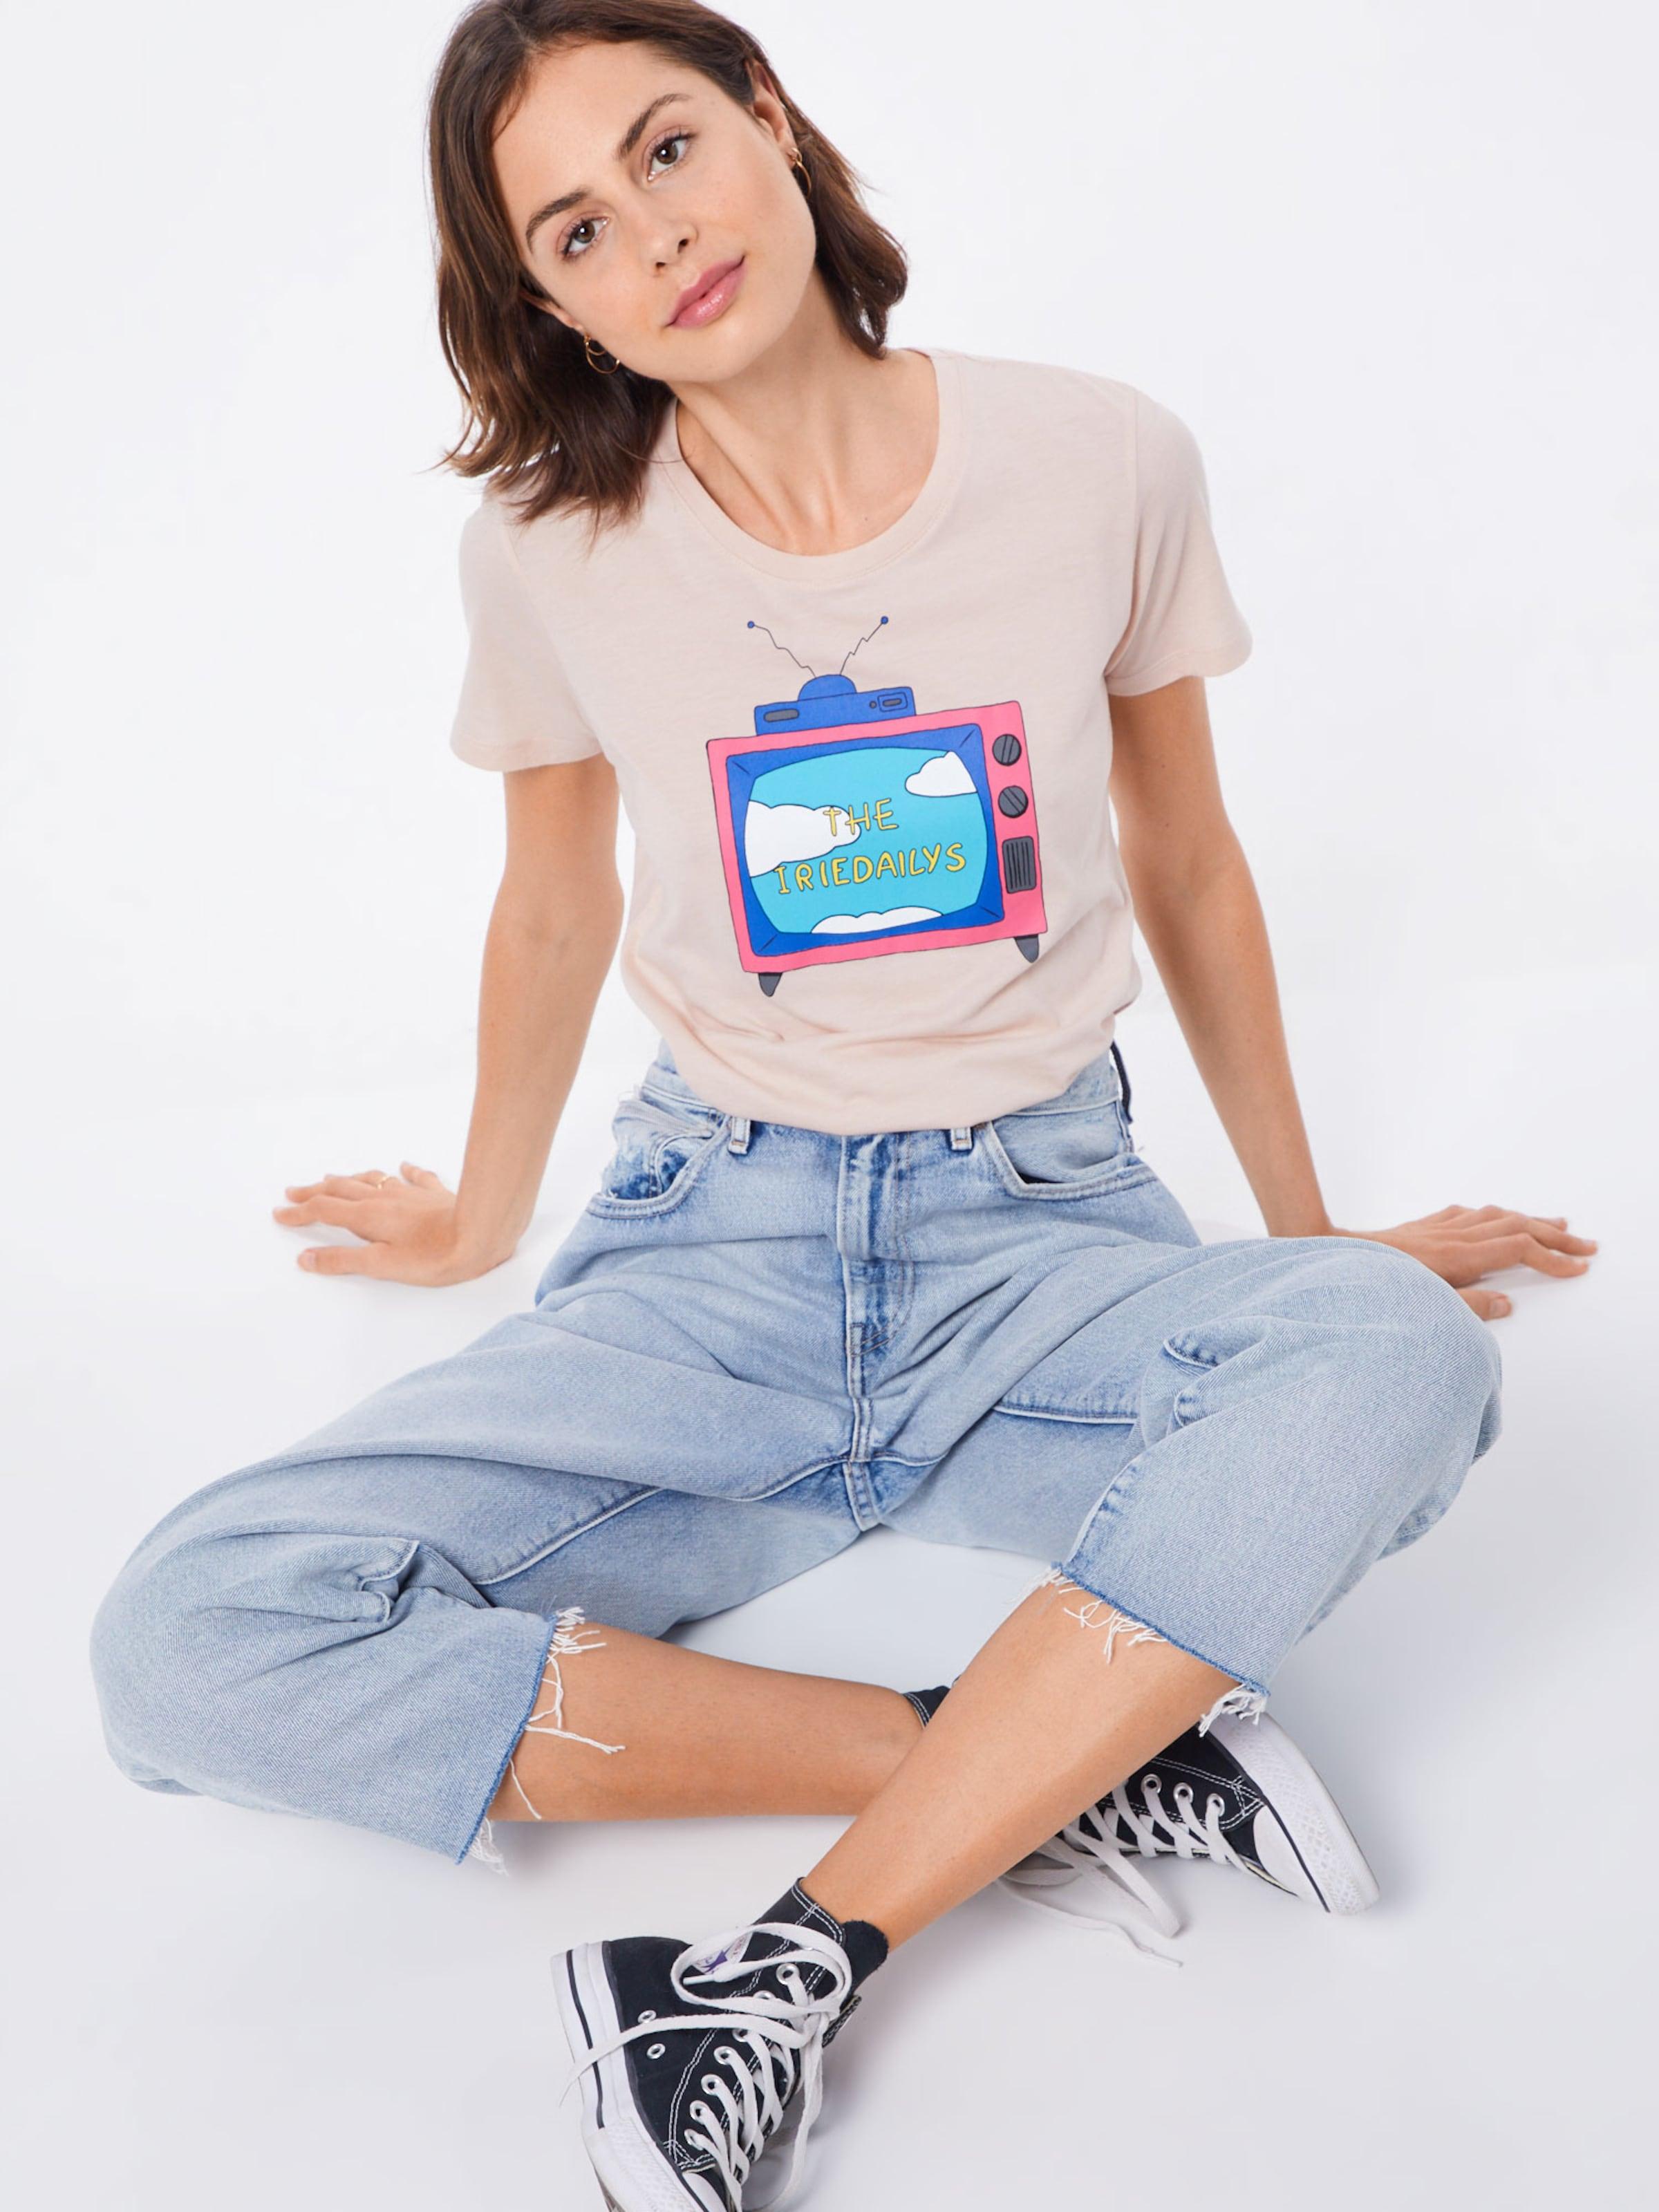 shirt Iriedaily Tee' Iriedailyans Rosé 'the T En tdQshr